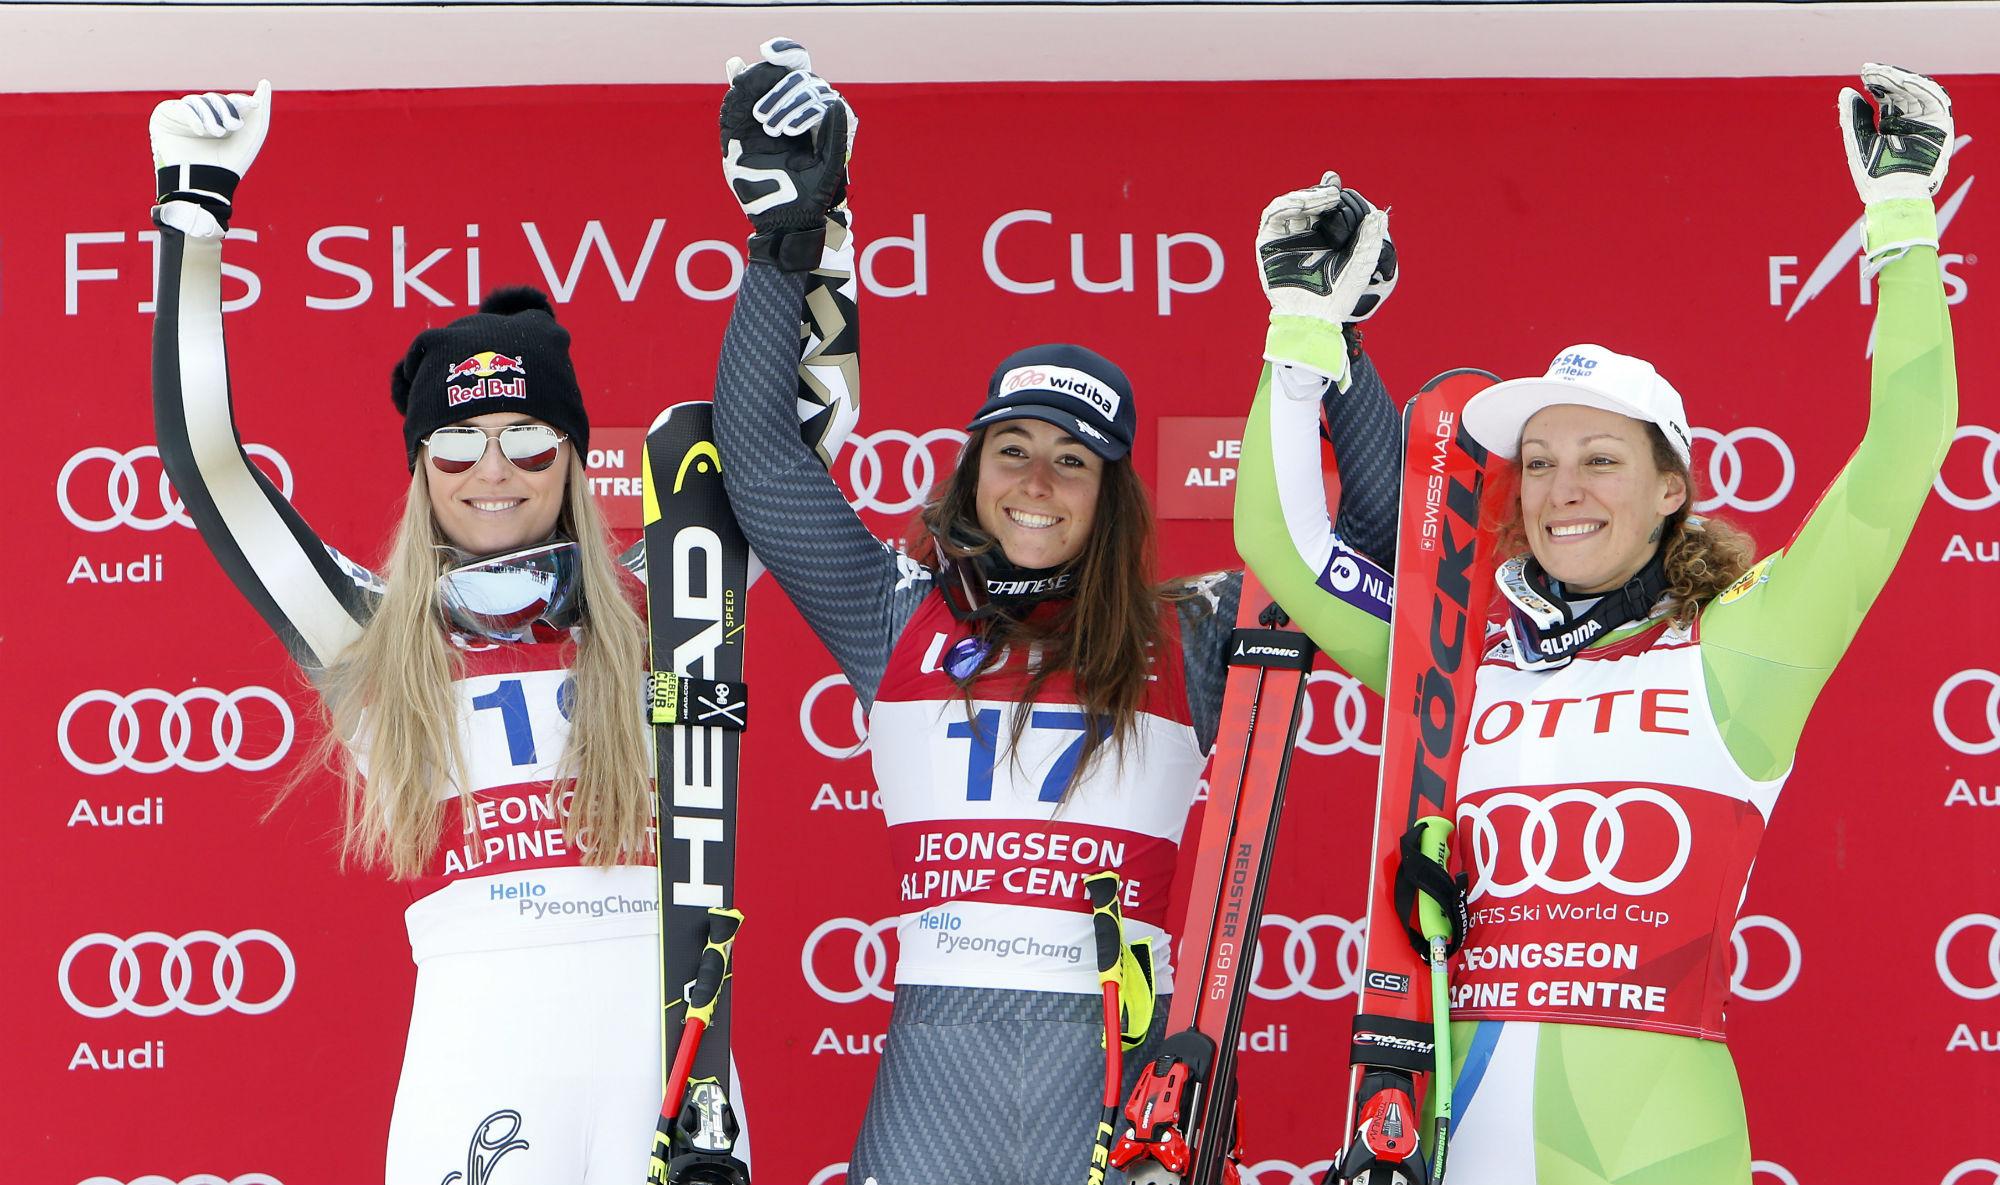 Da sinistra: Lindsey Vonn, Sofia Goggia e Ilka Stuhec sul podio del superG a Jeongseon (@Zoom agence)